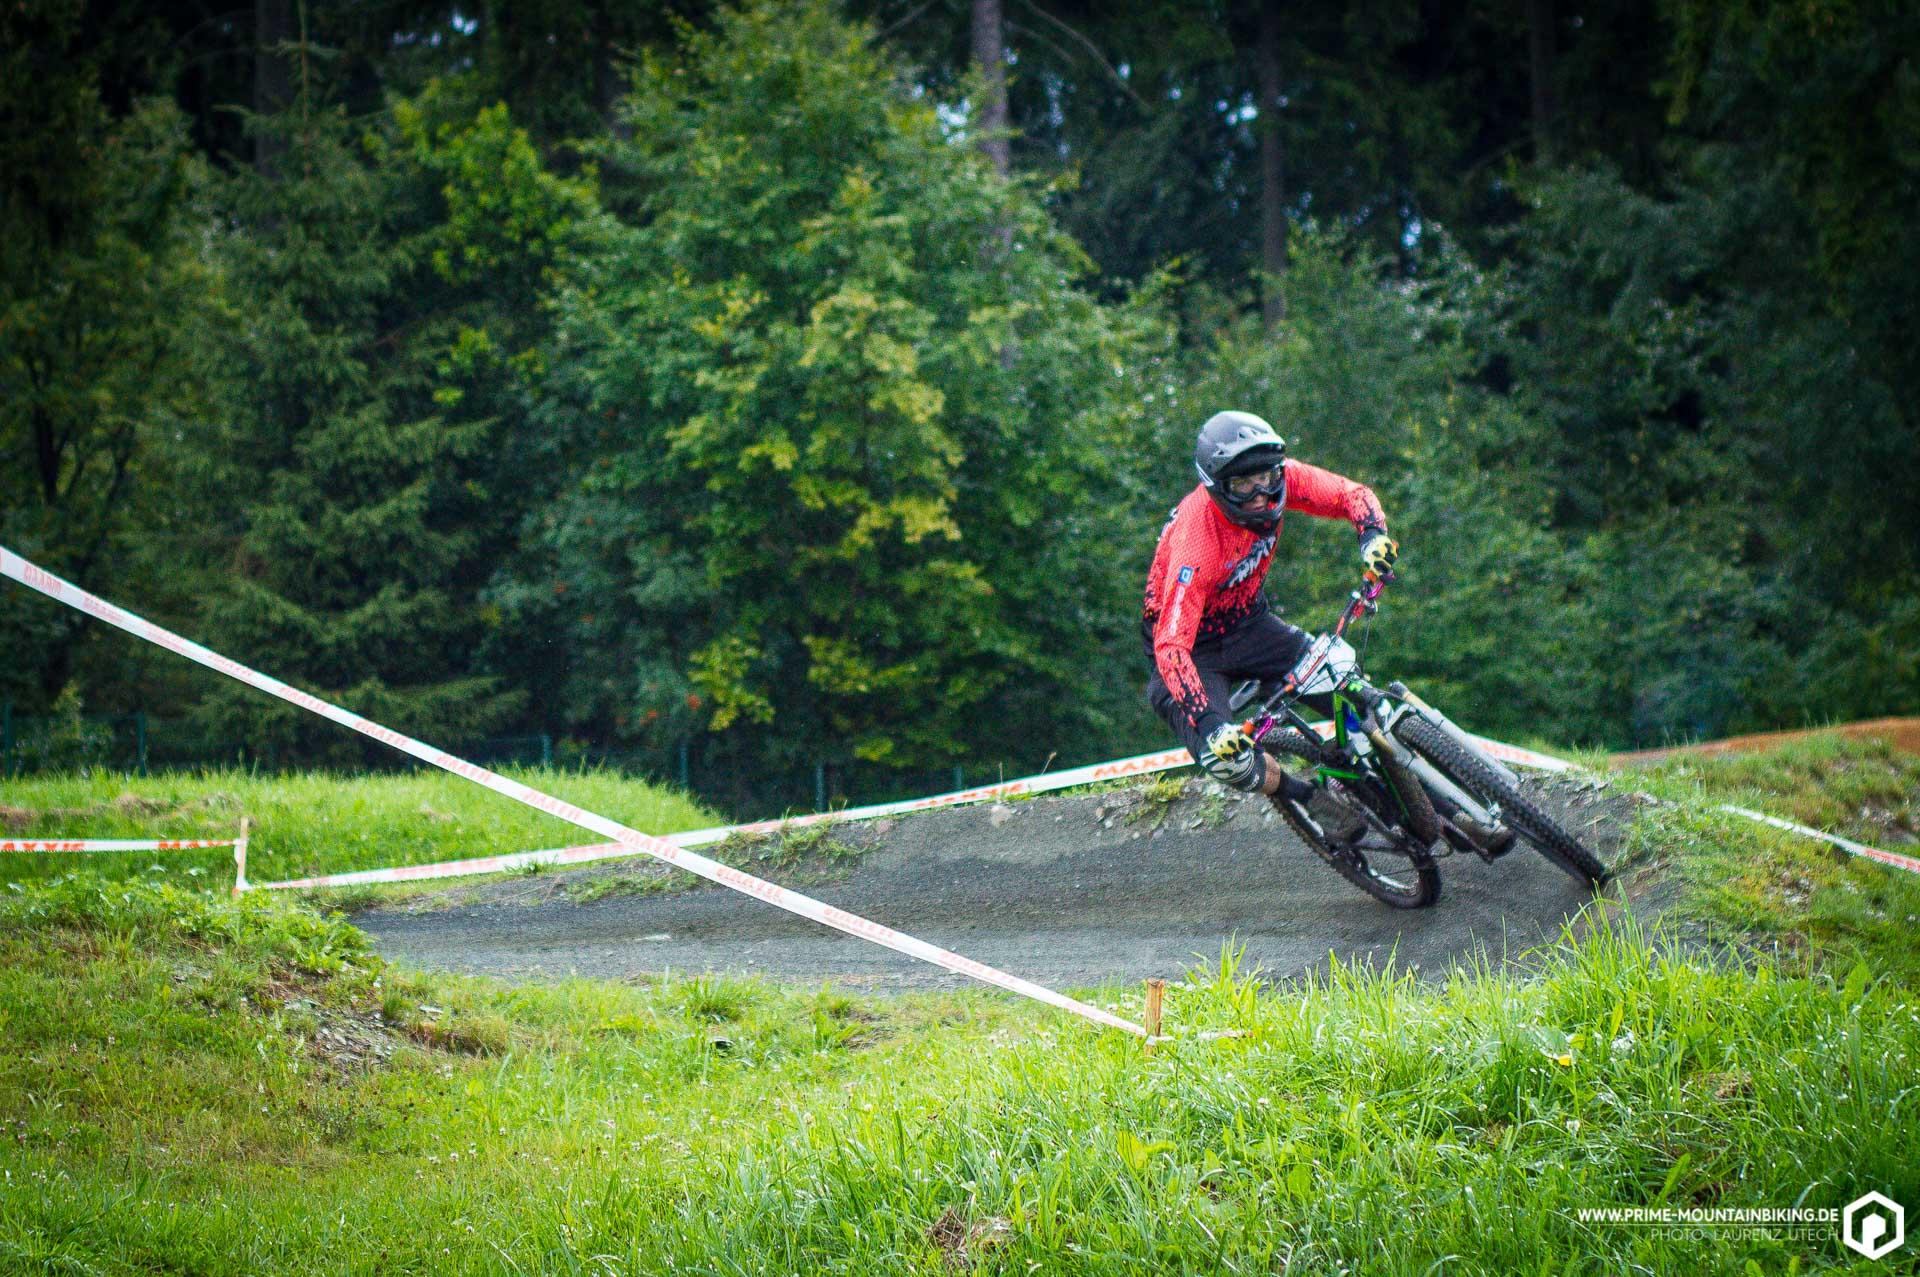 Nicht mehr als Berufsrennfahrer aber immer noch schnell unterwegs ist Kollege Ludwig Döhl vom Bike Magazin.